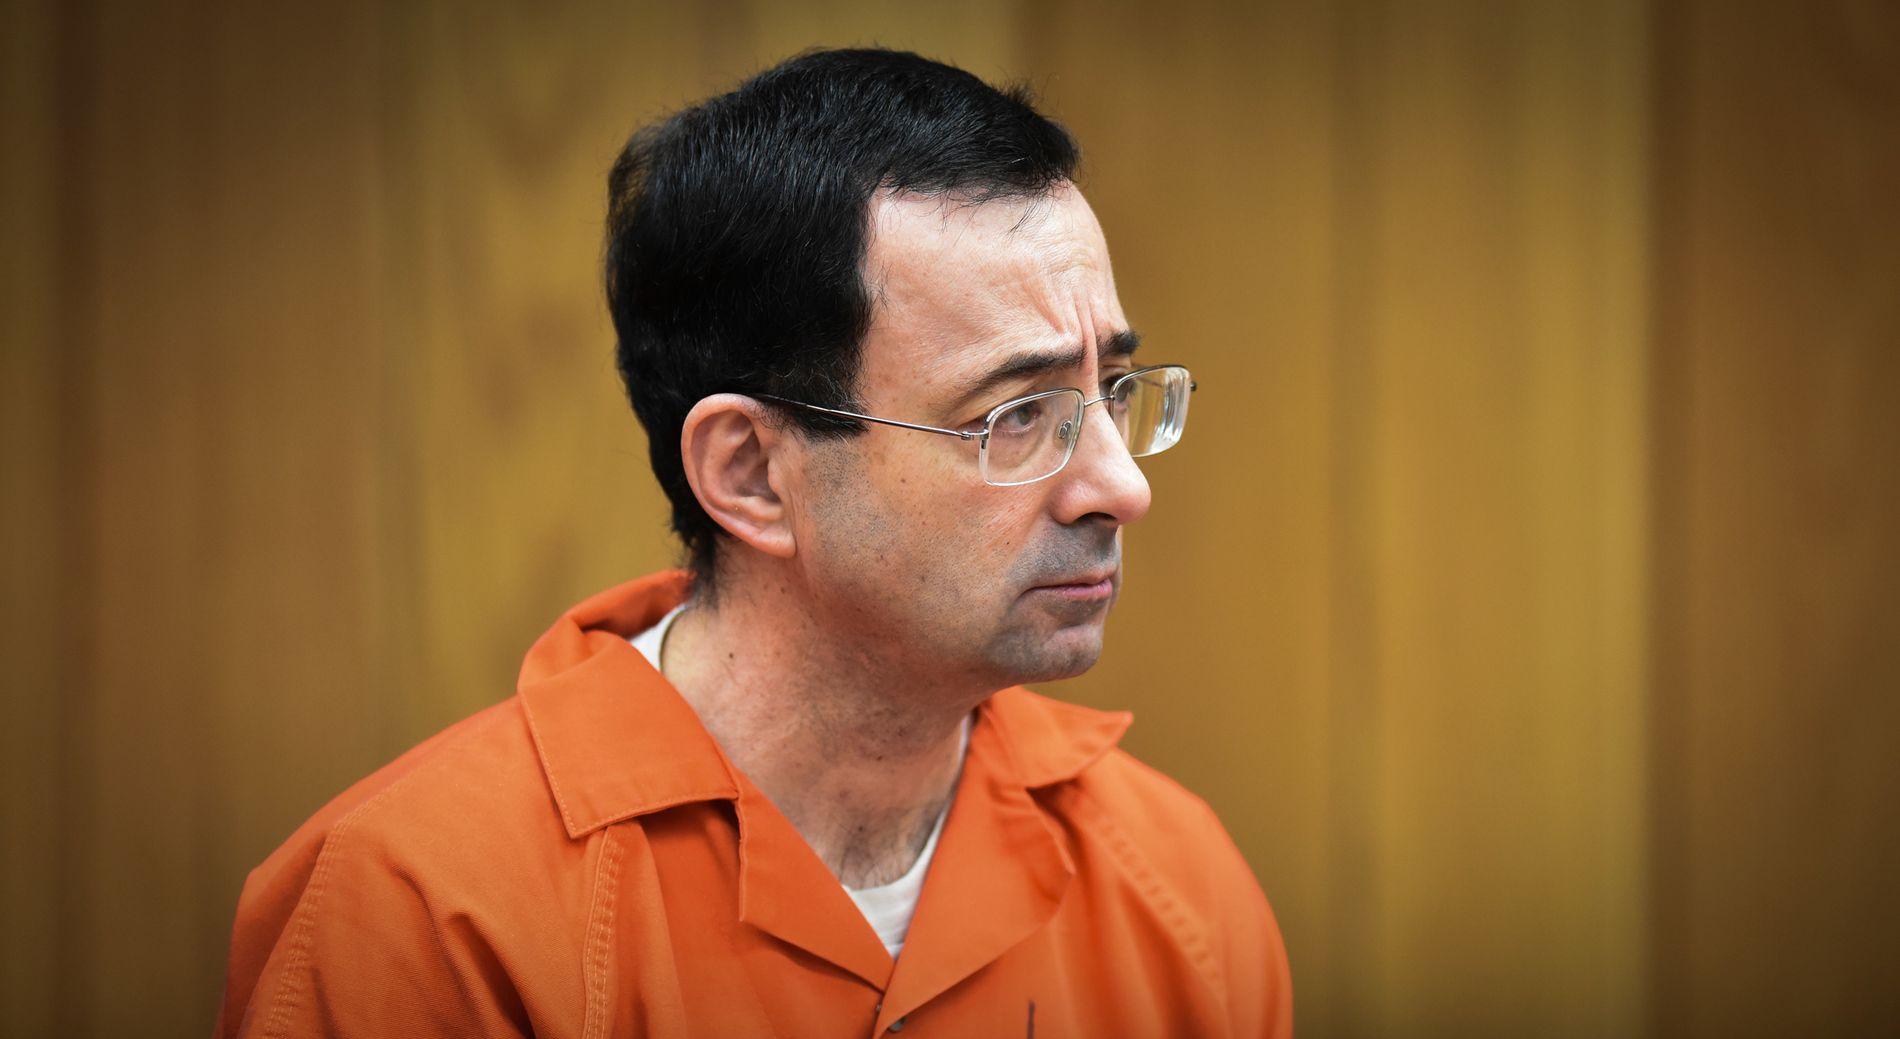 INNELÅST PÅ LIVSSTIL: Turnlegen Larry Nassar skal ha misbrukt jenter i forbindelse med medisinske undersøkelser.